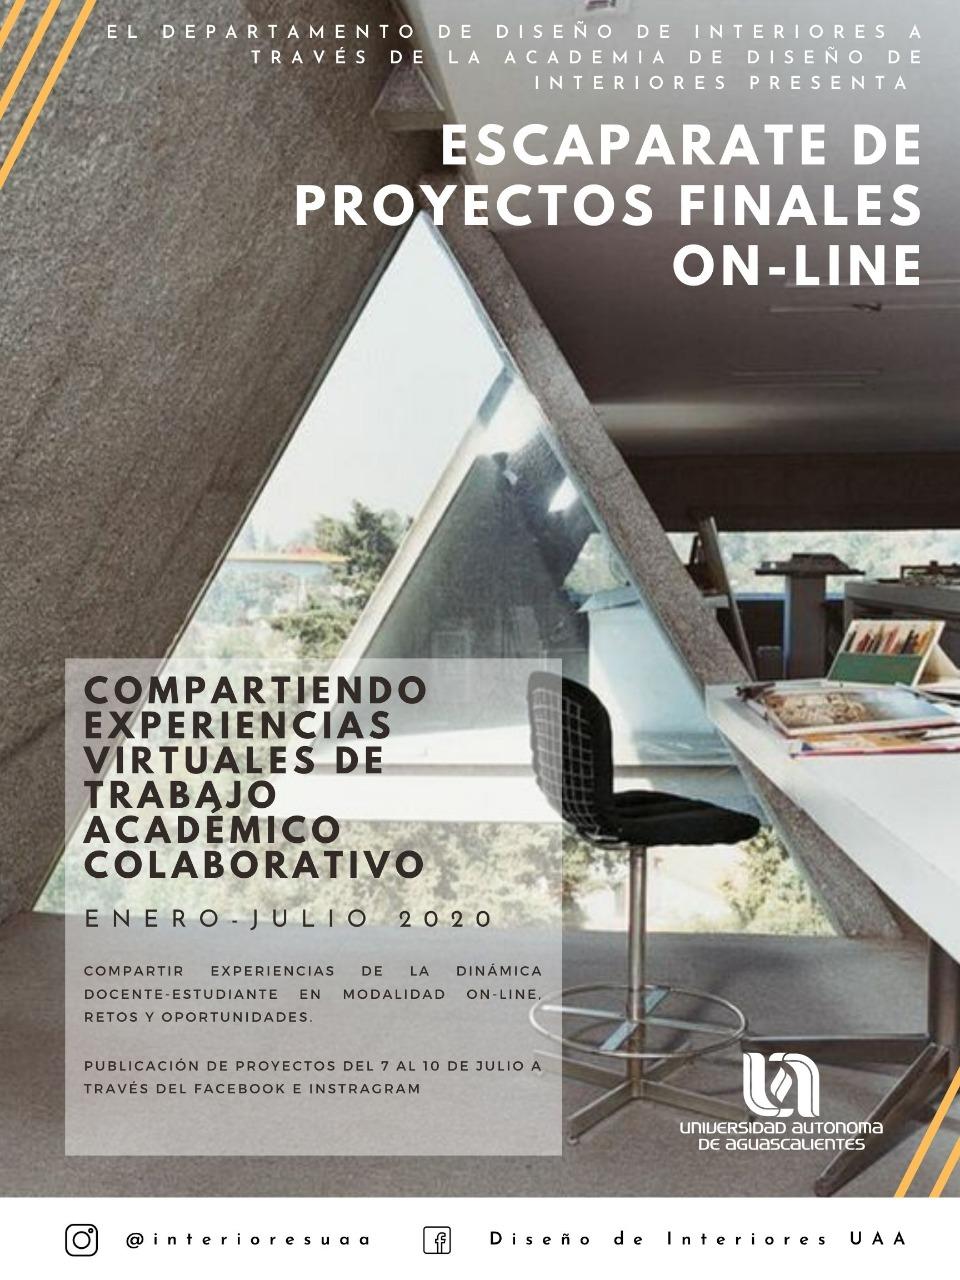 ESCAPARATE DE PROYECTOS FINALES ON-LINE. de la Lic. en Diseño de Interiores.